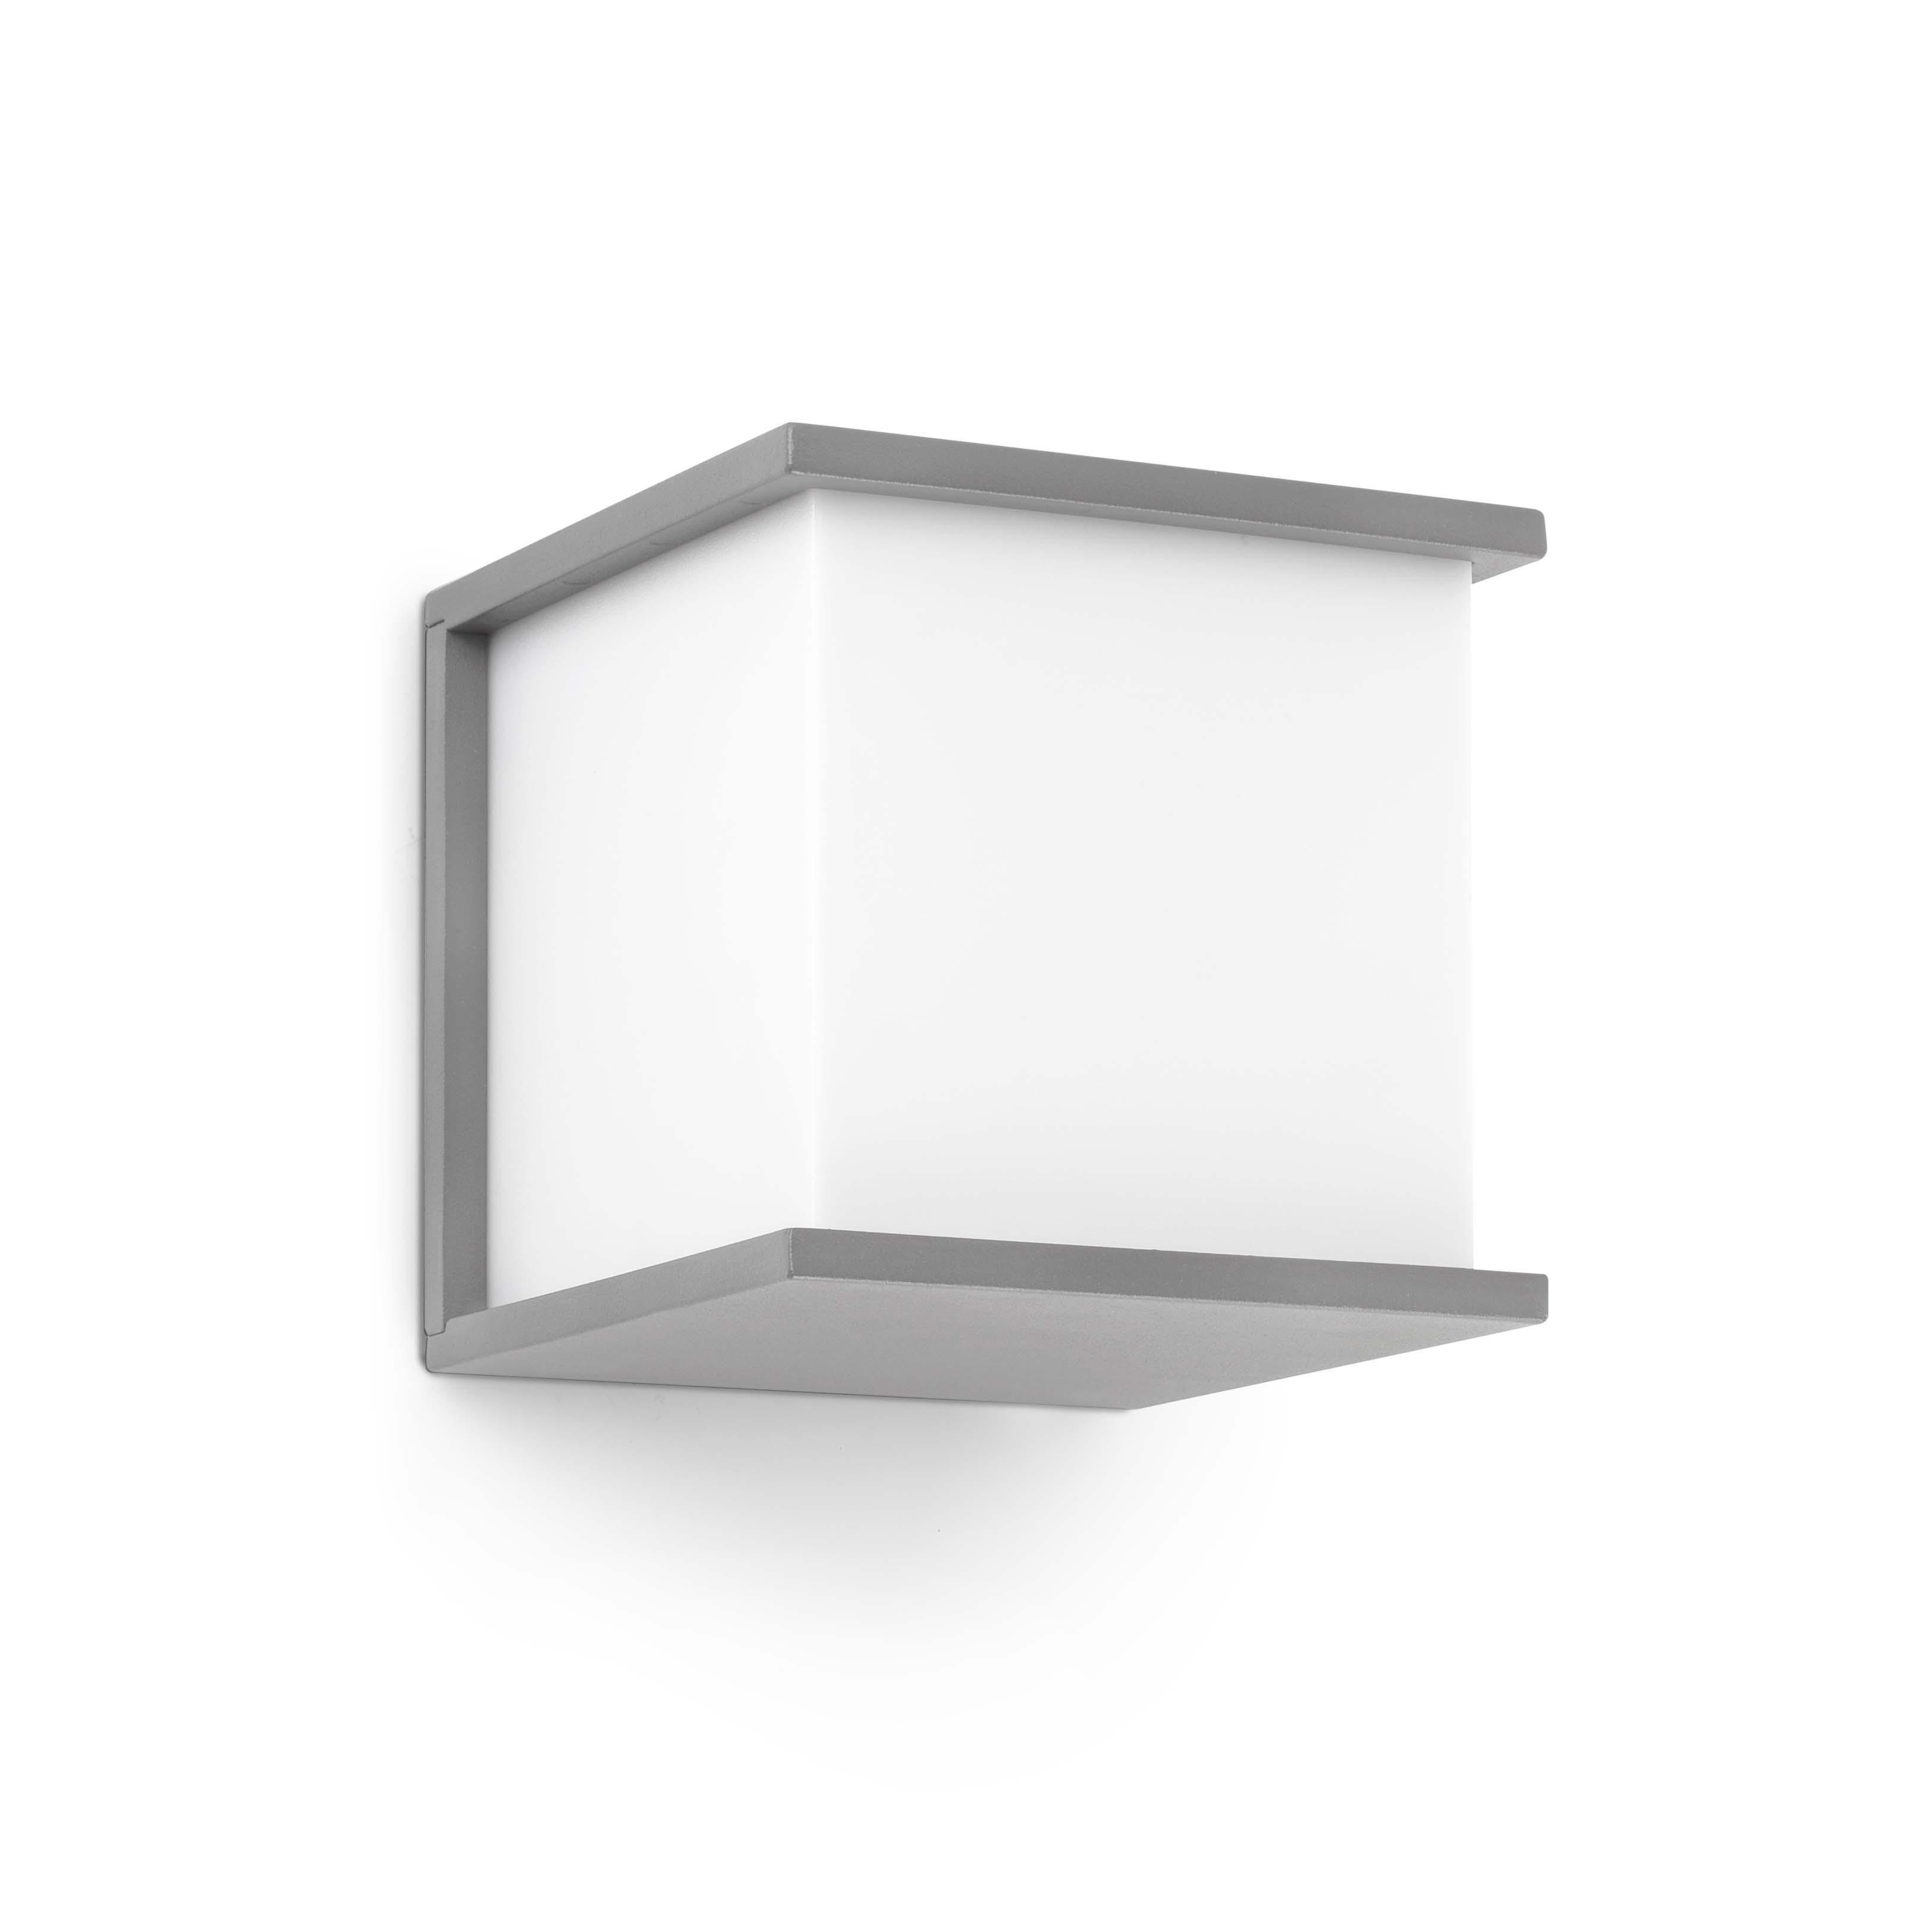 Kubick Wall Lamp Outdoor 1xE27 60w Grey claro